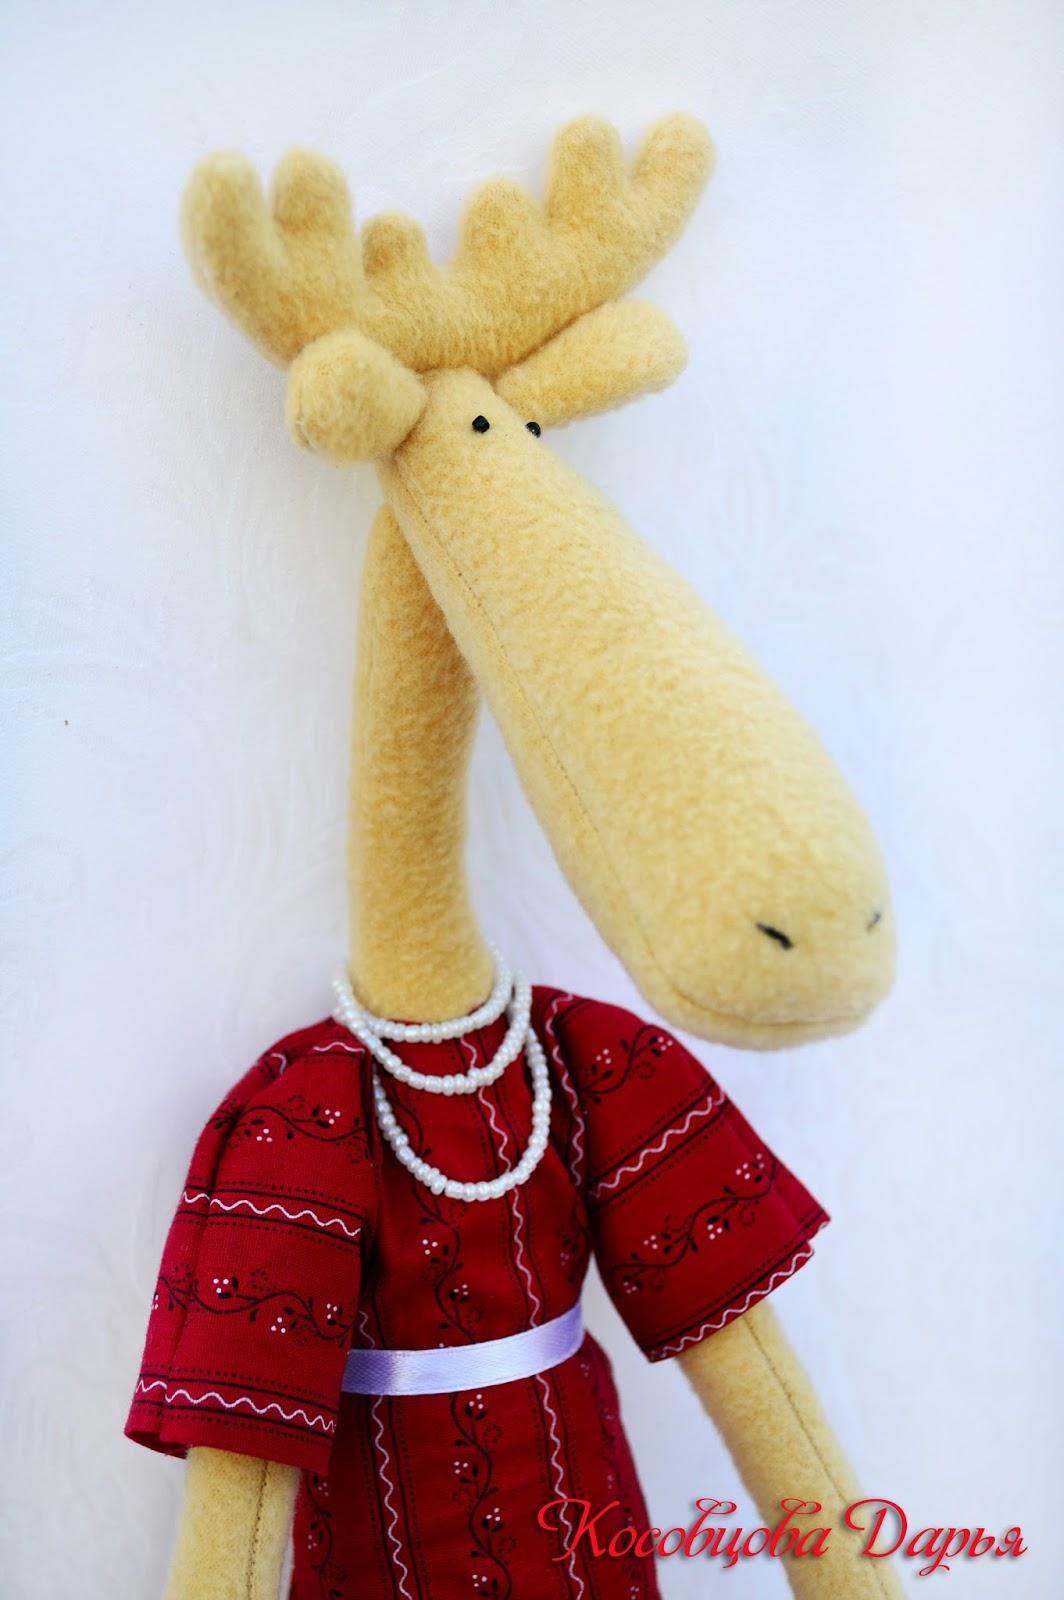 игрушка заяц купить, купить мягкого зайца, купить зайцев тильда, купить игрушку слона, игрушка розовый слон купить, драконы игрушки купить, купить игрушку дракона +в украине, где купить игрушки драконов, дракон мягкая игрушка купить, игрушка овечка купить, мягкая игрушка овечка купить, игрушка овечка купить оптом, мягкая игрушка кот купить, купить игрушку плюшевого кота  интересные мягкие игрушки, новогодние подарки 2015, детские подарки 2015, символ года 2015 подарки подарунок подрузі, подарунок +на день народження, оригінальні подарунки +на день народження , цікаві подарунки, новорічні подарунки ,новогодние игрушки ручной работы купить, мягкие игрушки ручной работы купить, мягкие игрушки ручной работы купить, зайцы игрушки ручной работы, игрушки ручной работы оптом,